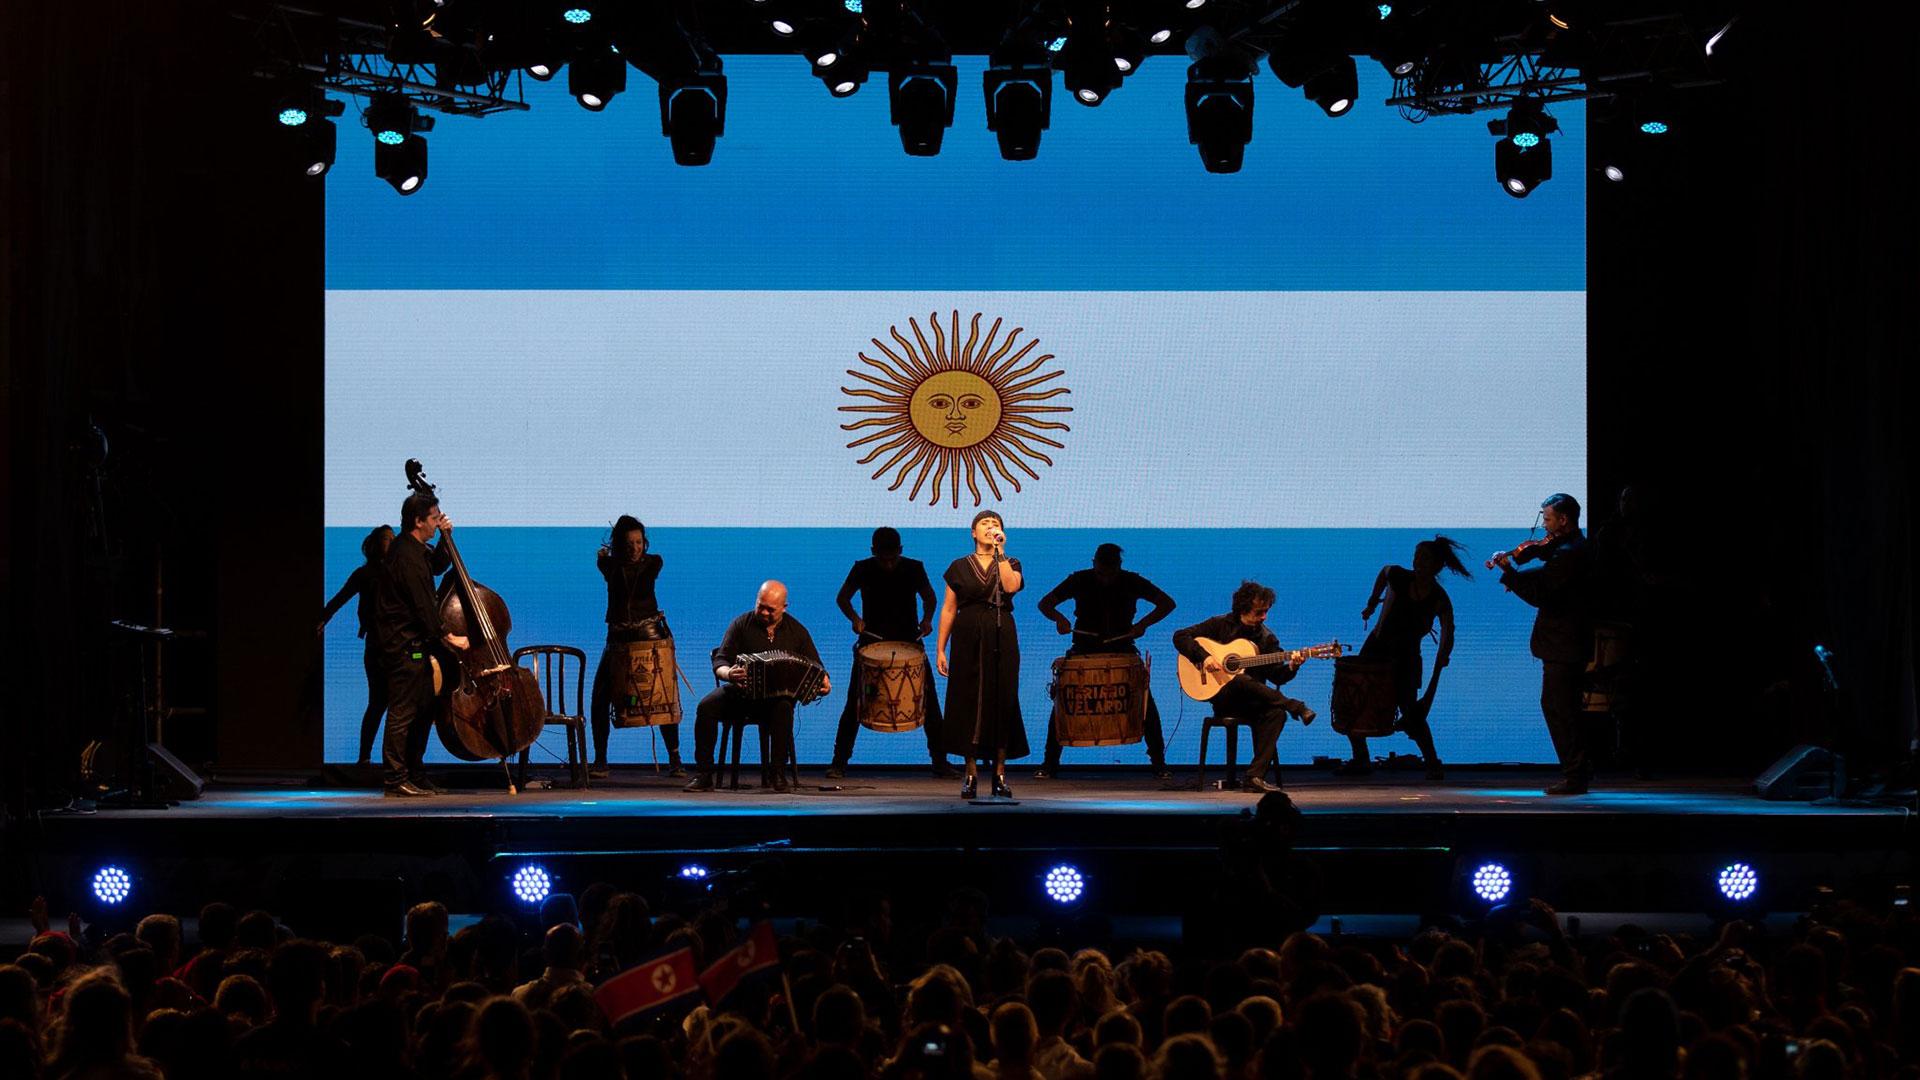 Uno de los momentos más emotivos fue cuando se escuchó el himno argentino (@youtholympics)